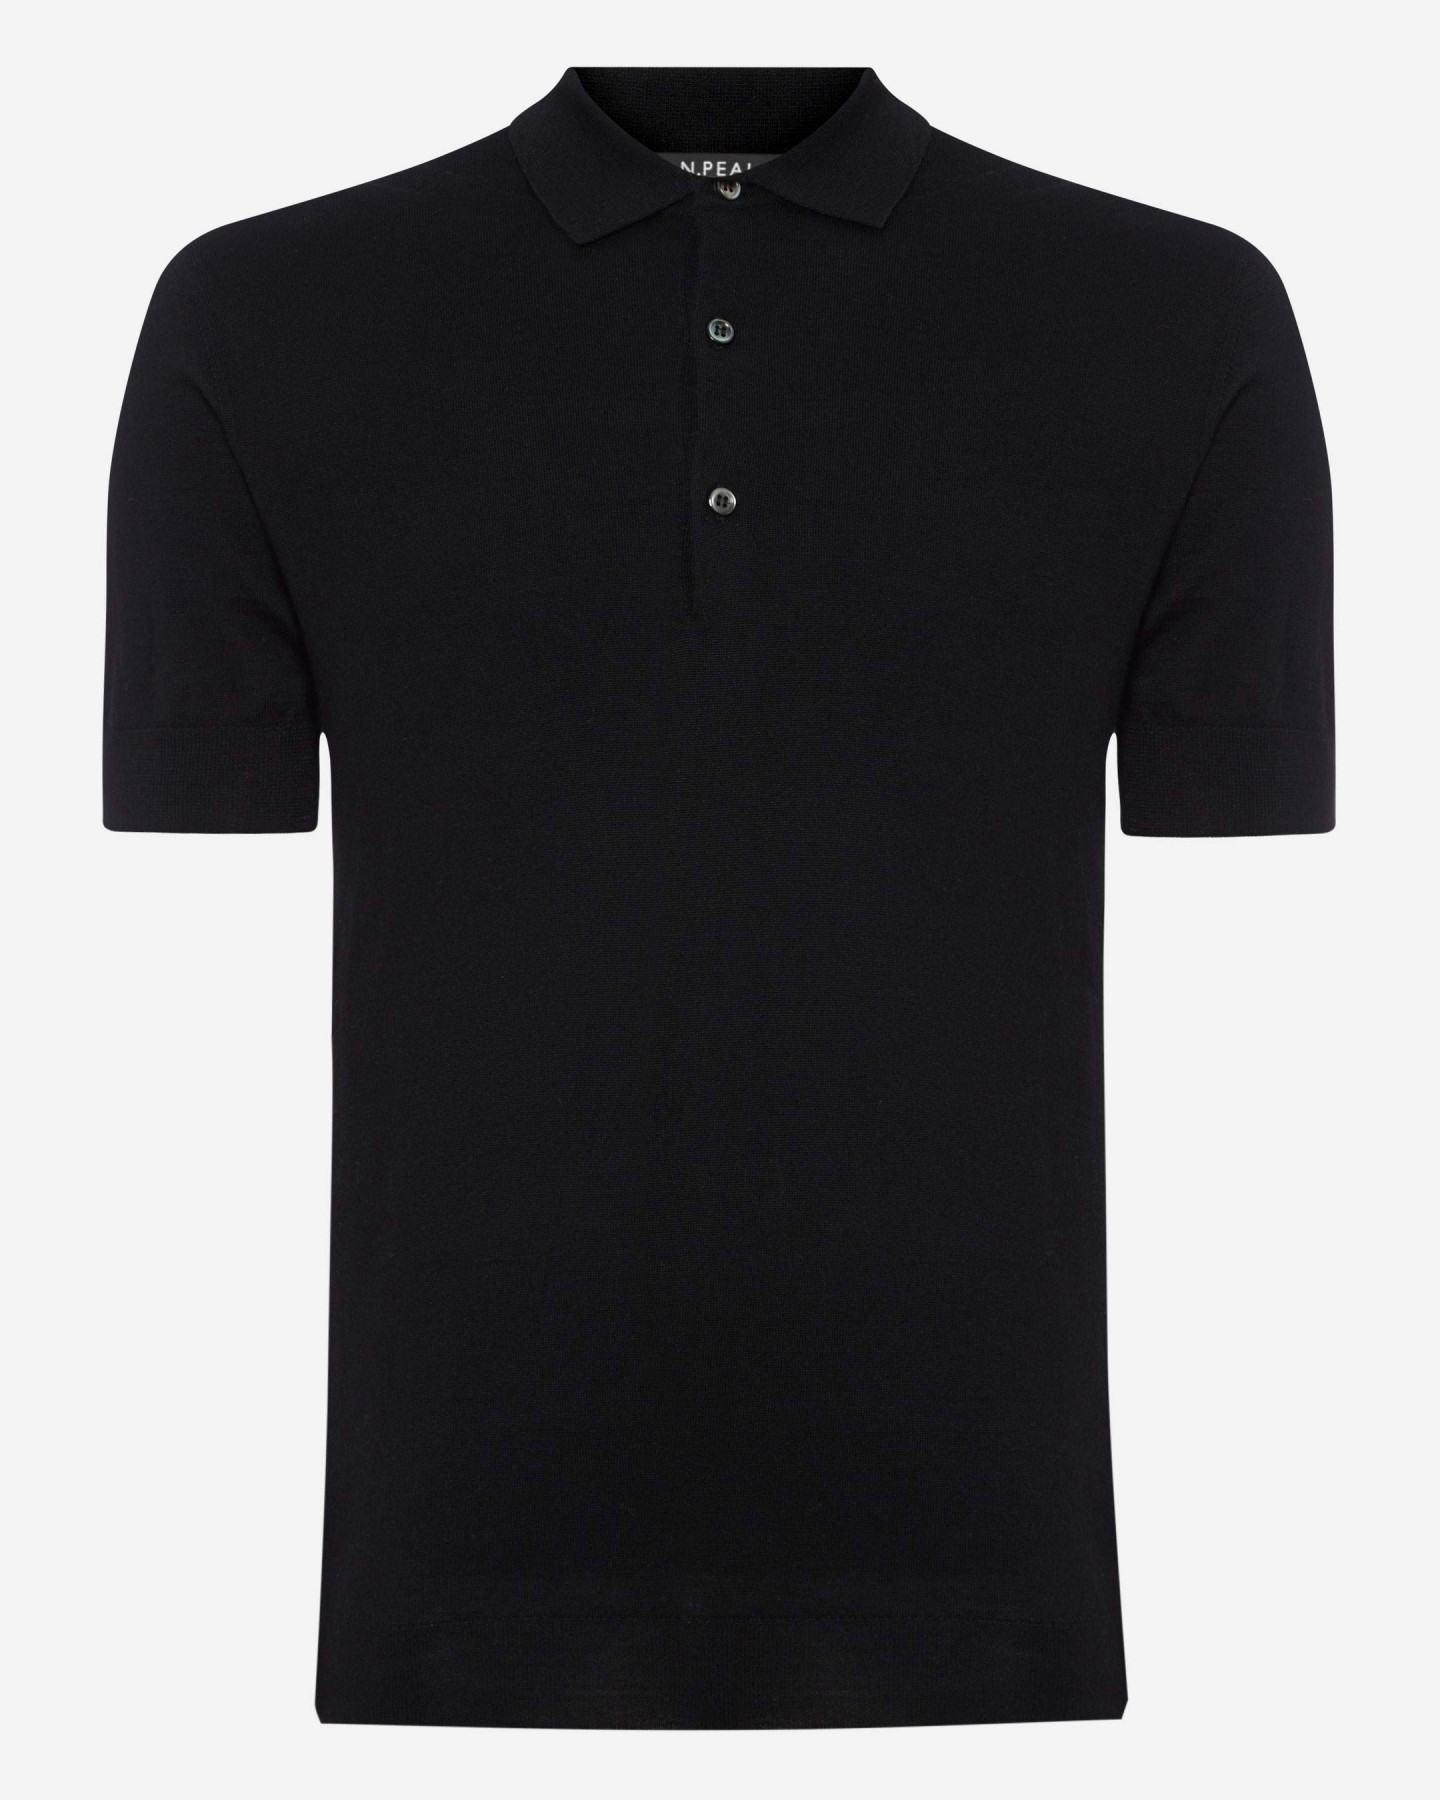 mens black polo shirts